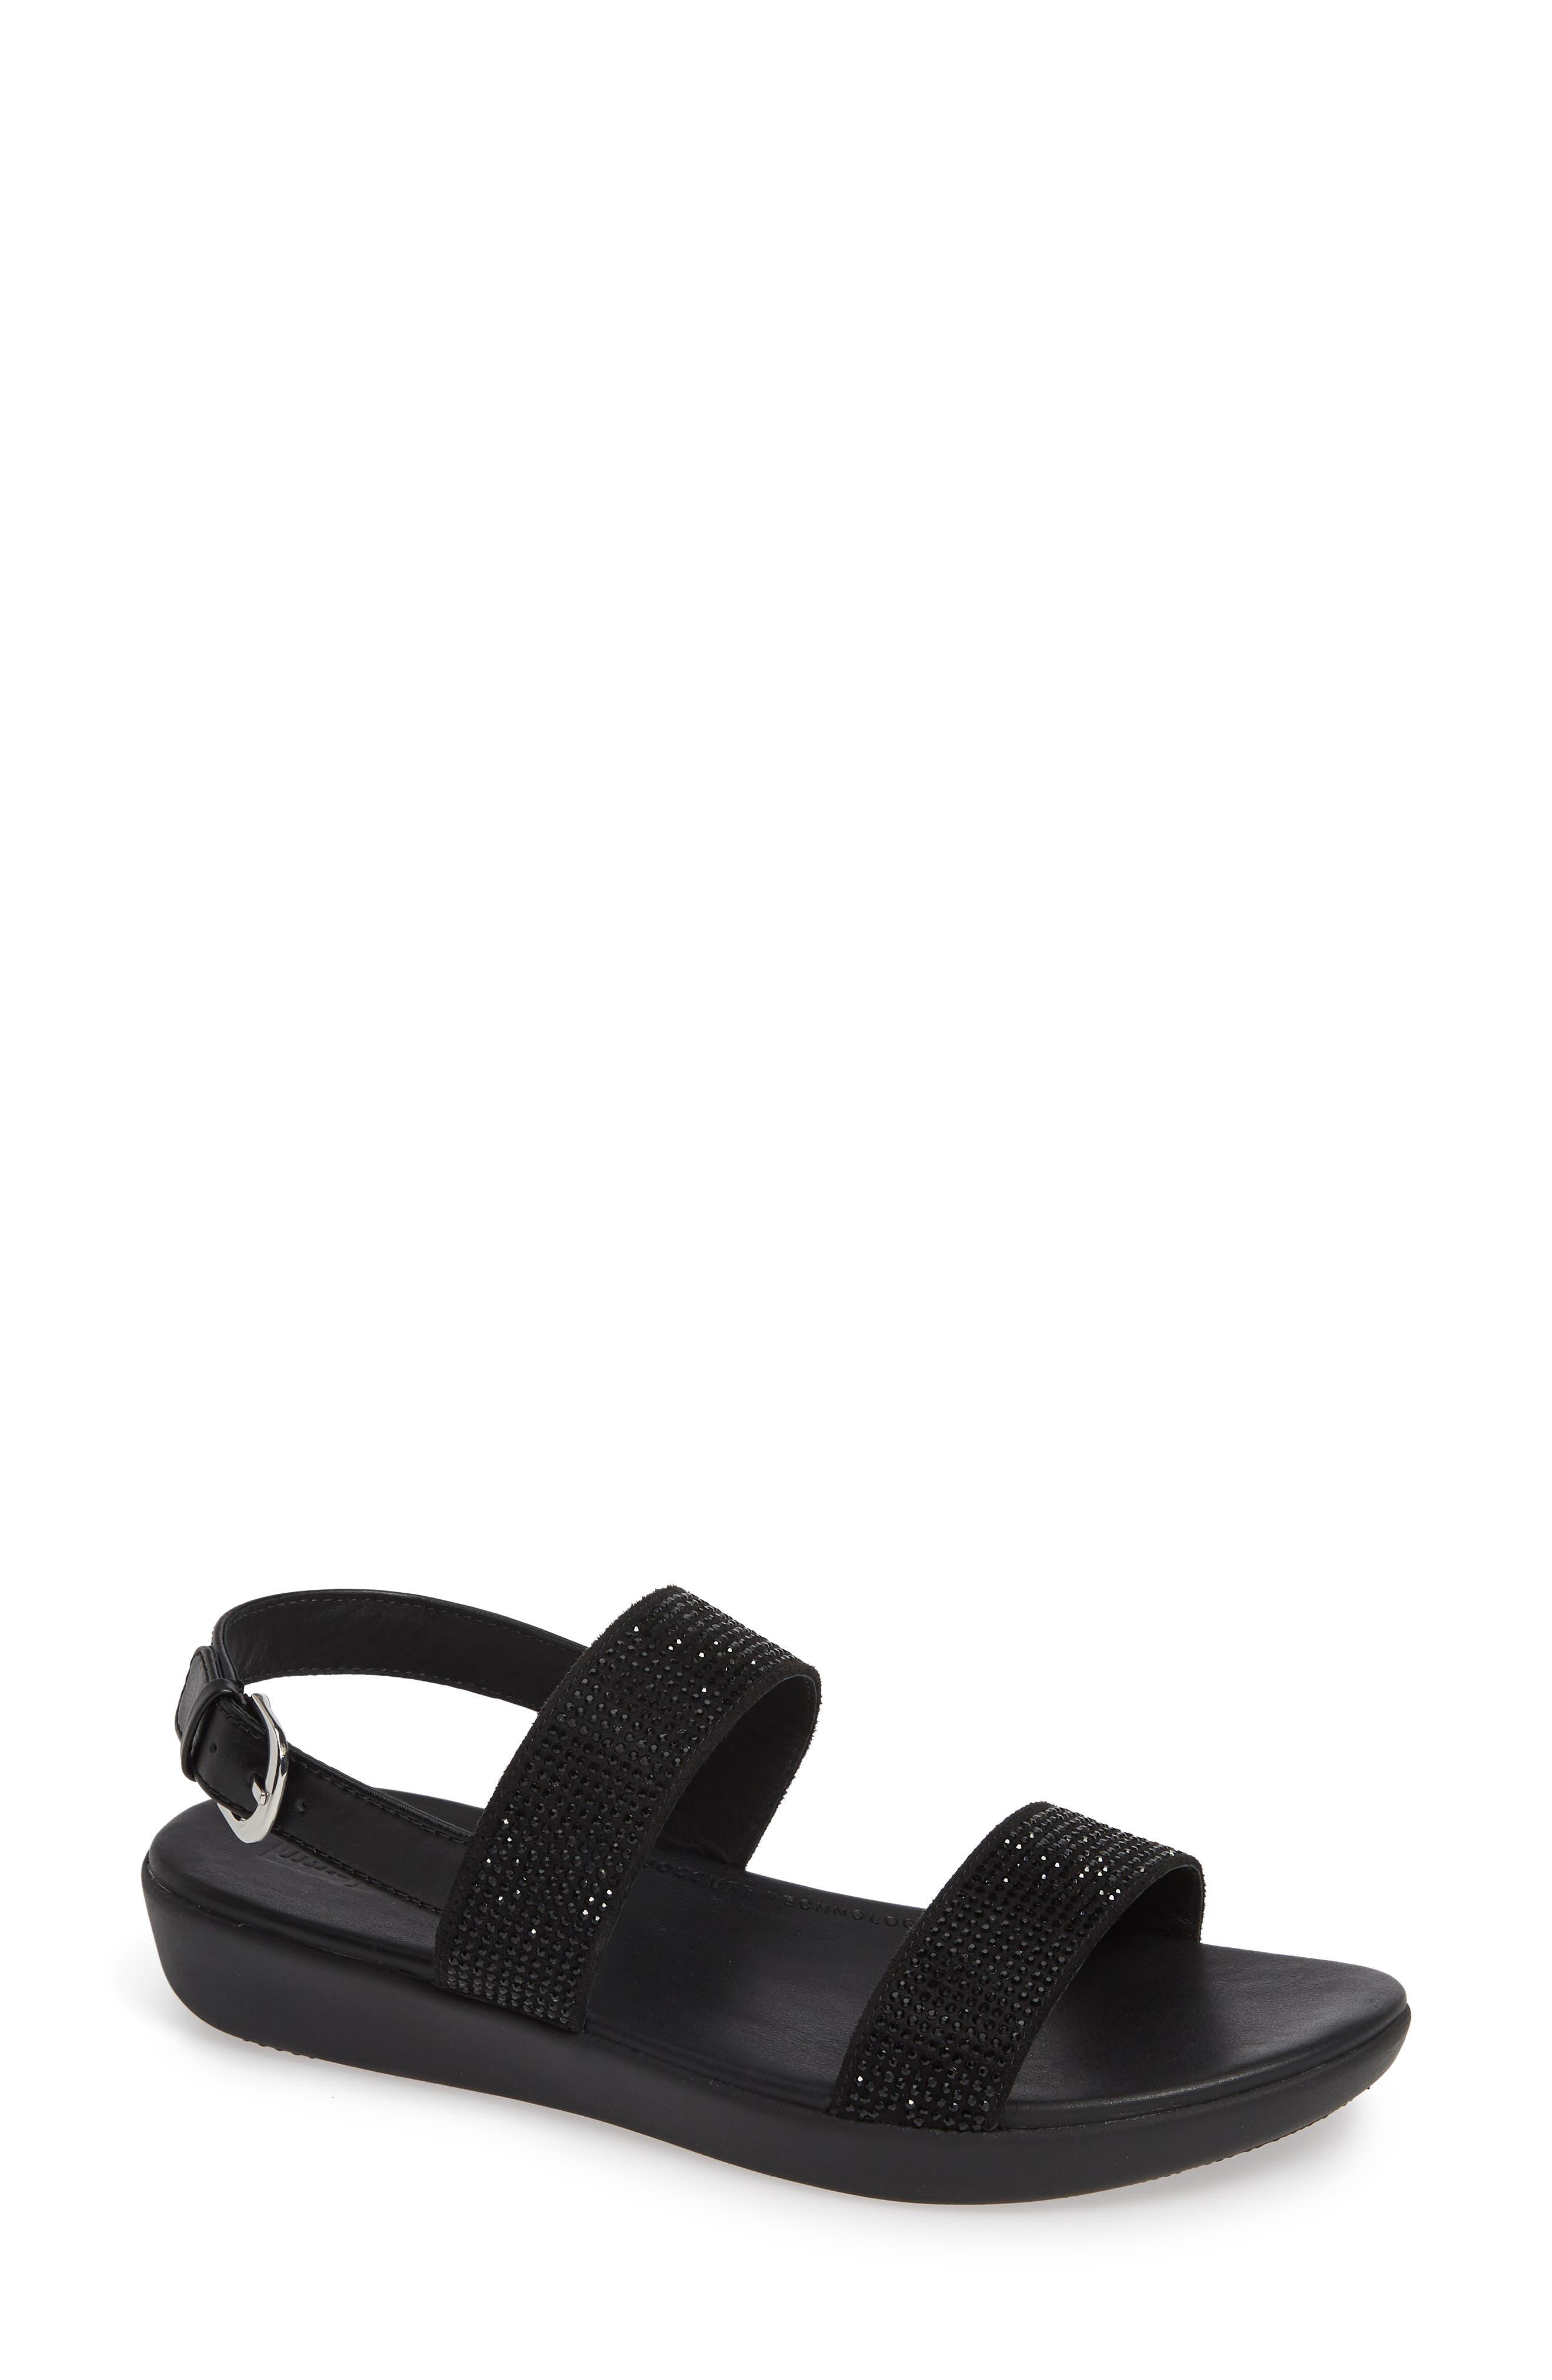 22255bebb6dd Fitflop Barra Crystal Embellished Sandal